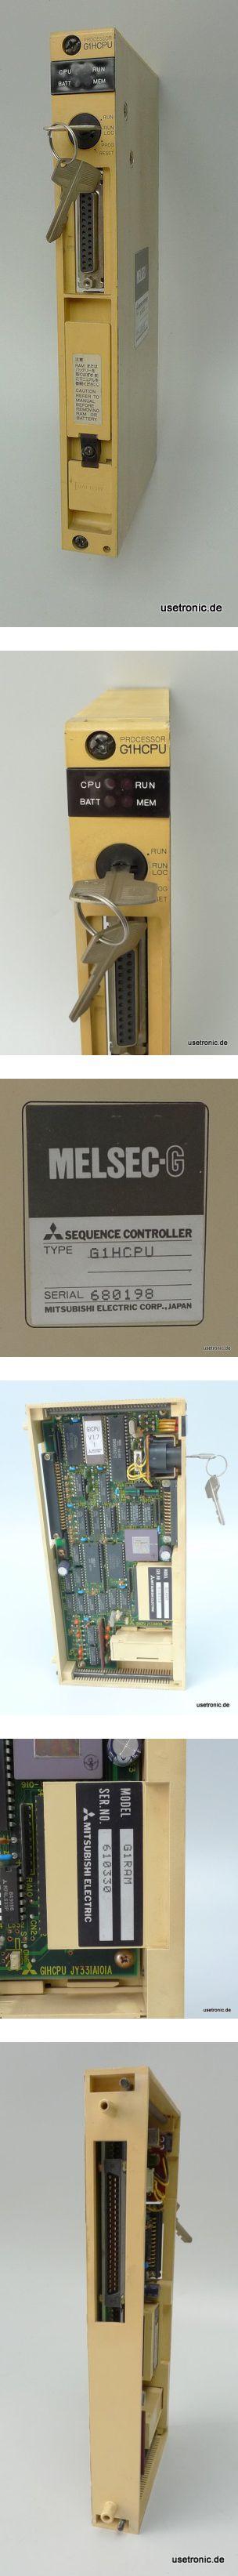 Mitsubishi Melsec-G G1HCPU G1RAM CPU Processor